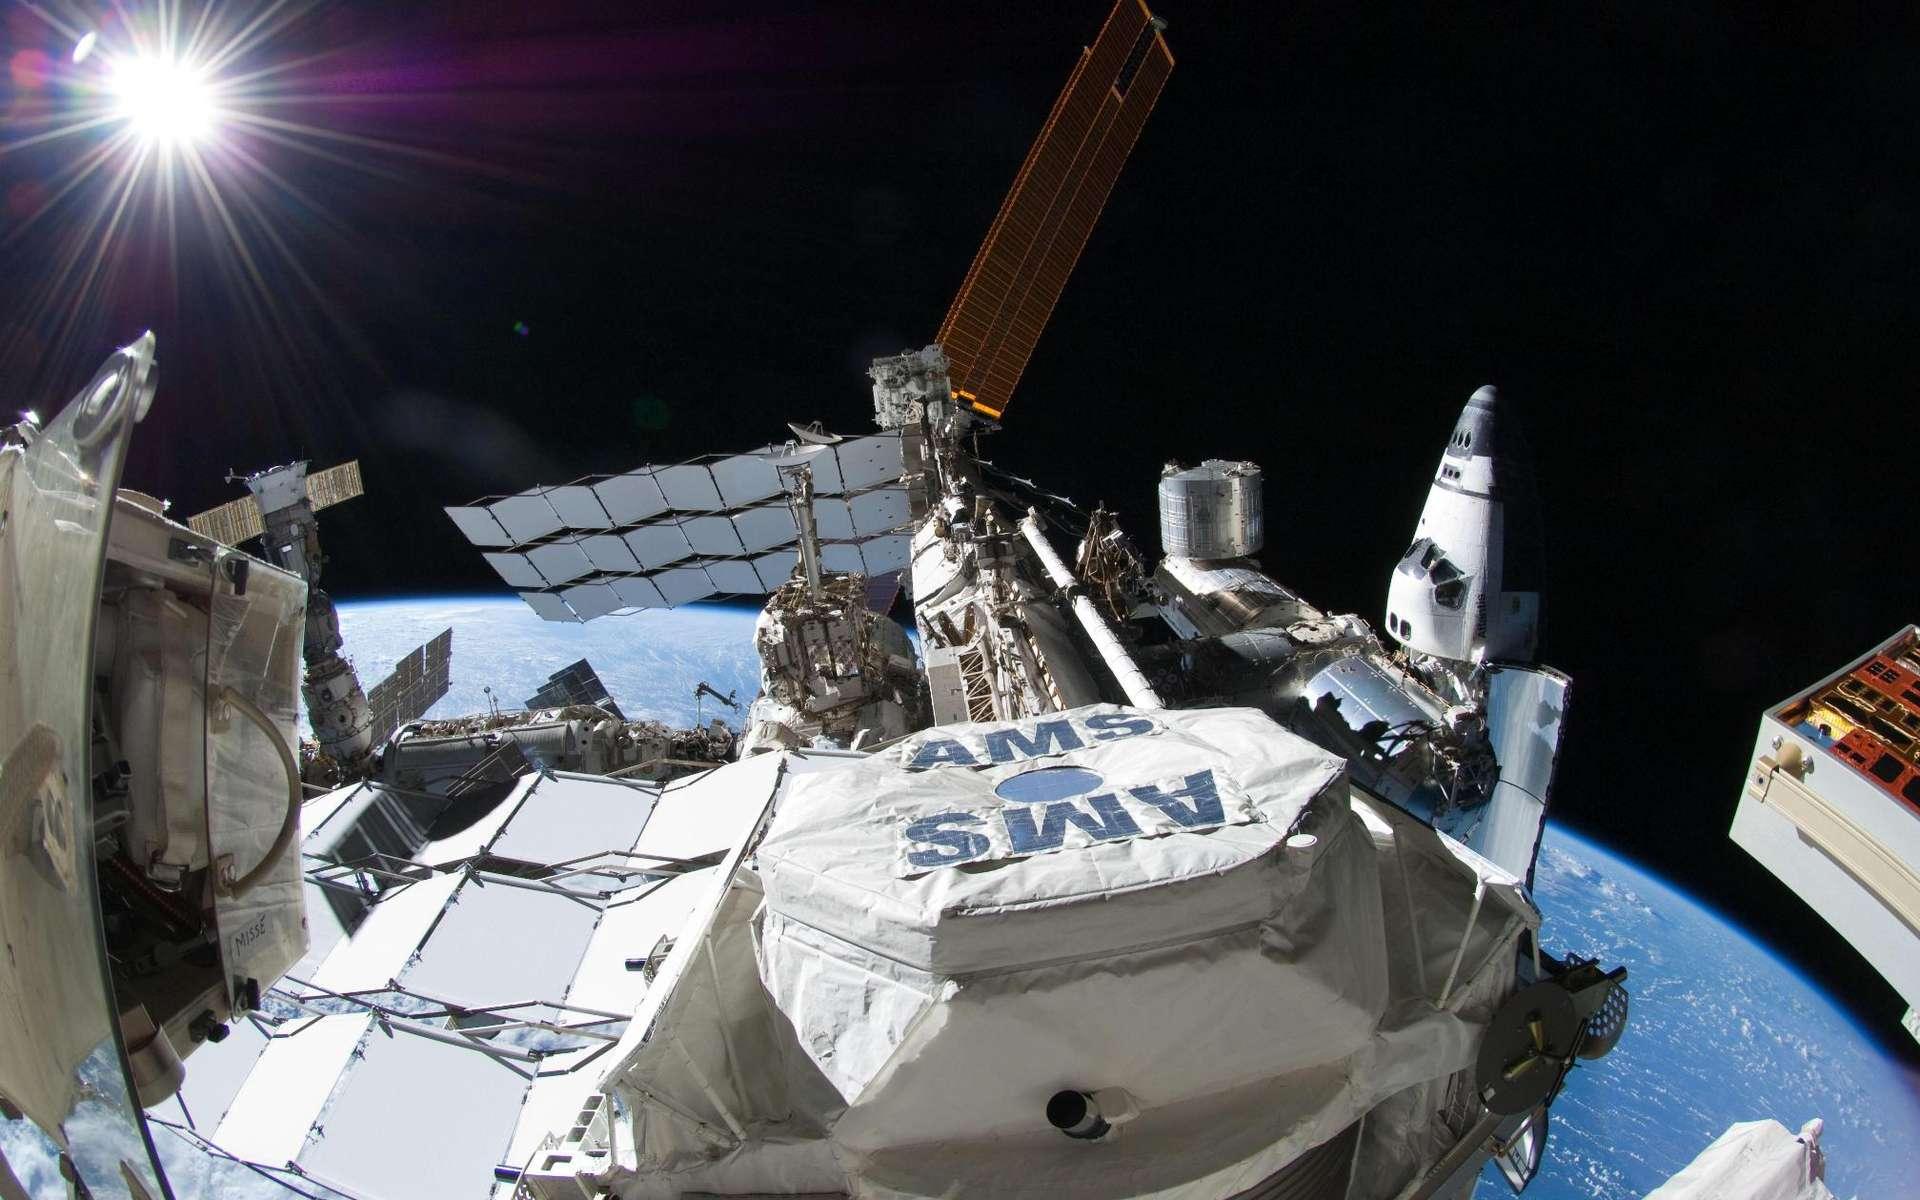 Le détecteur de rayons cosmiques AMS a rejoint l'espace via la navette spatiale Endeavour le 16 avril 2011. Il a été installé sur l'ISS et devrait permettre de mesurer et de caractériser les flux de rayons cosmiques durant au moins dix ans. © Nasa